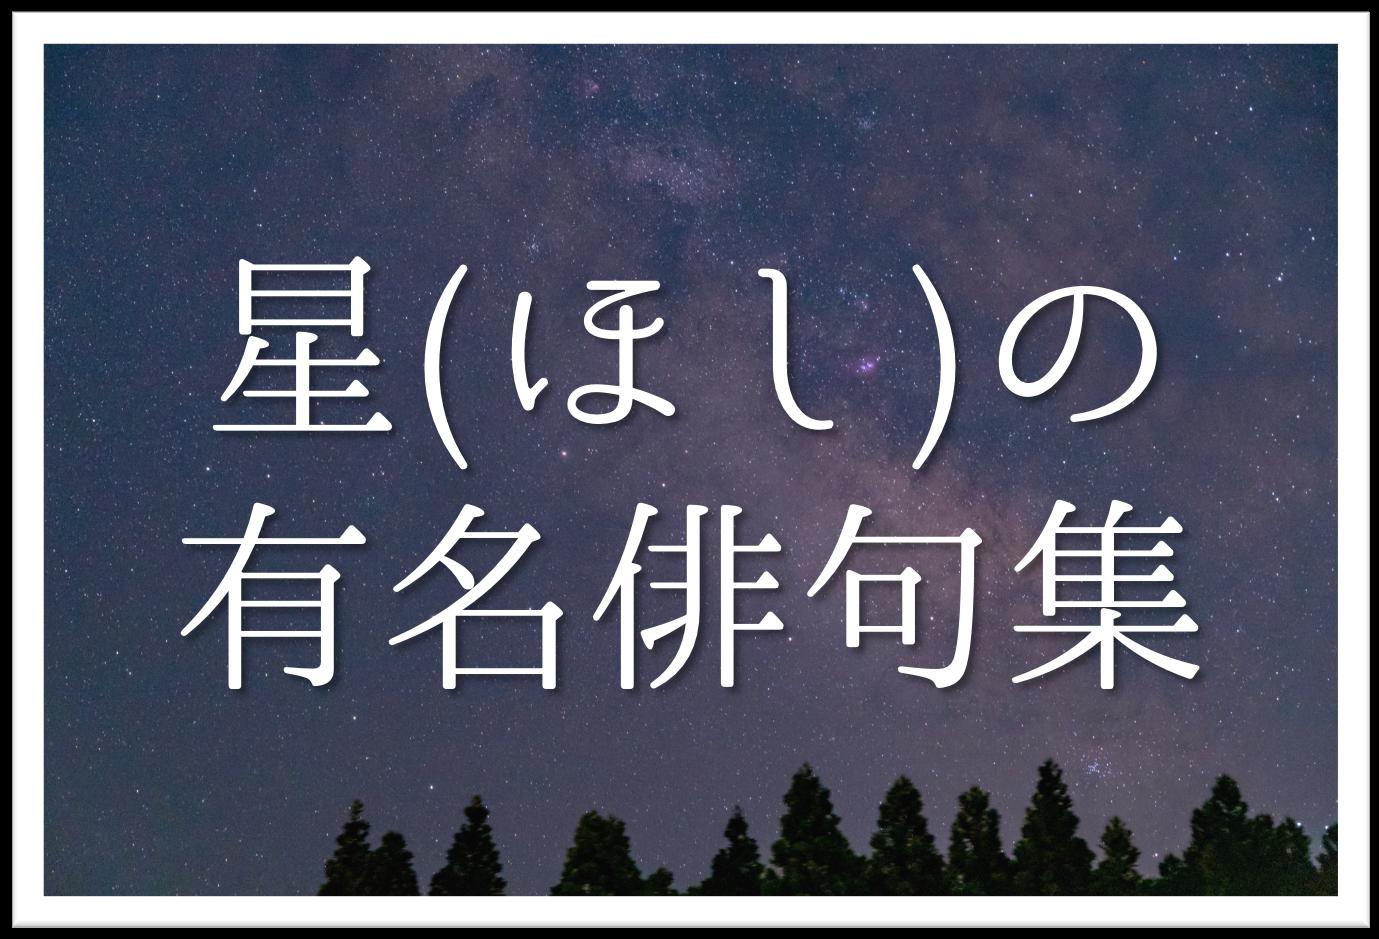 【星の有名俳句 20選】知っておきたい!!季語を含むおすすめ俳句集を紹介!